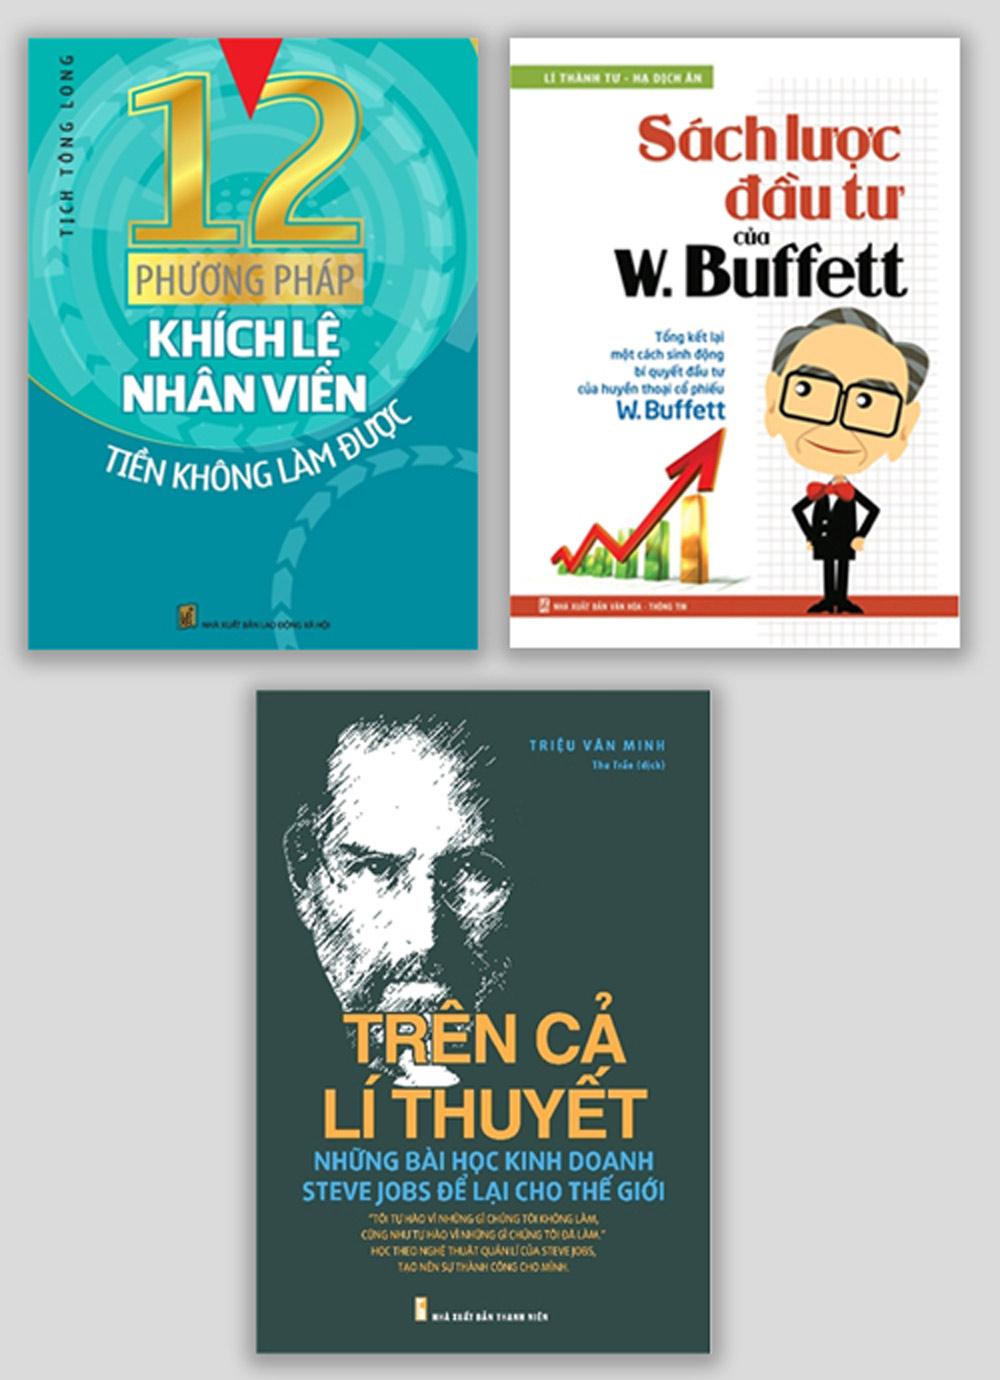 Combo 12 Phương Pháp Khích Lệ Nhân Viên + Trên Cả Lí Thuyết + Sách Lược Đầu Tư Của W.Buffett - EBOOK/PDF/PRC/EPUB